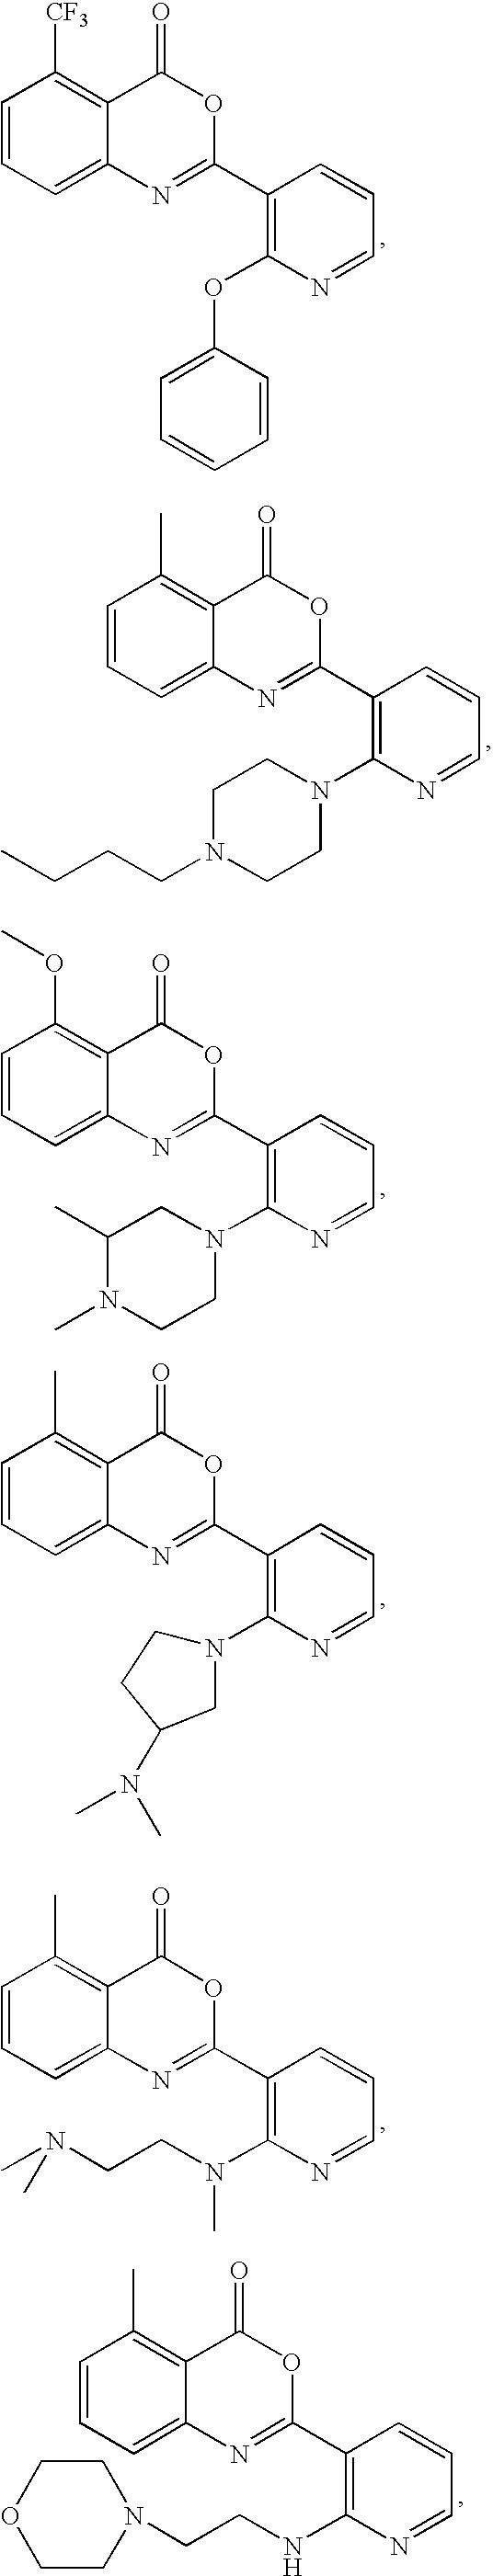 Figure US20080161290A1-20080703-C00030